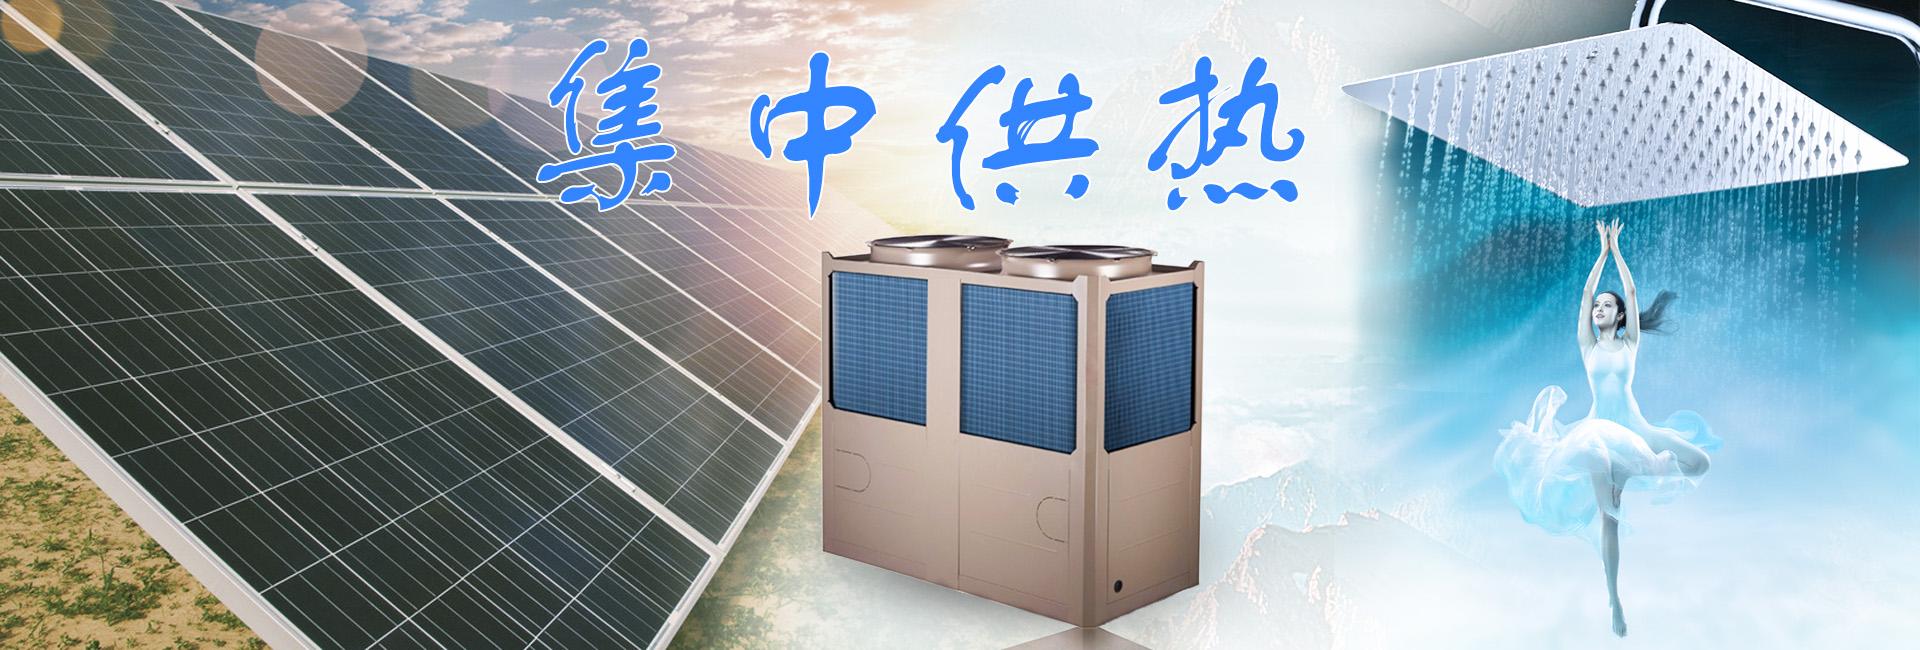 浅谈中央空调管道安装注意事项